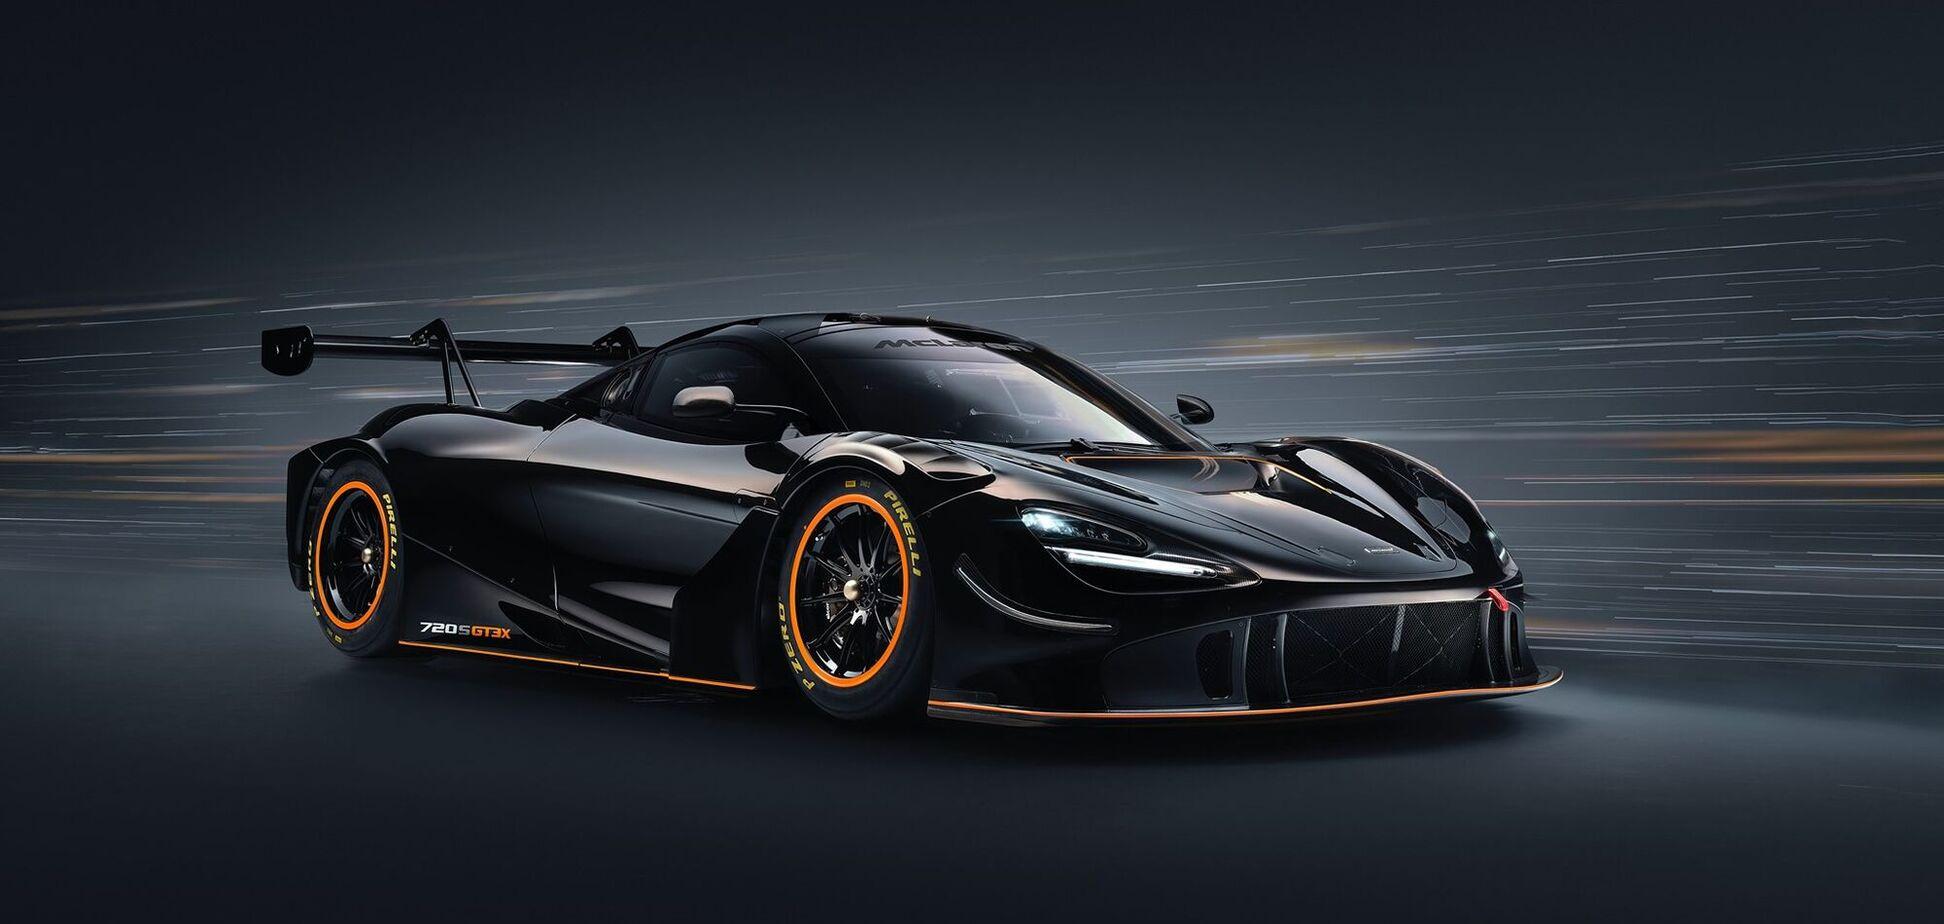 McLaren 720S GT3X сделали мощнее и быстрее